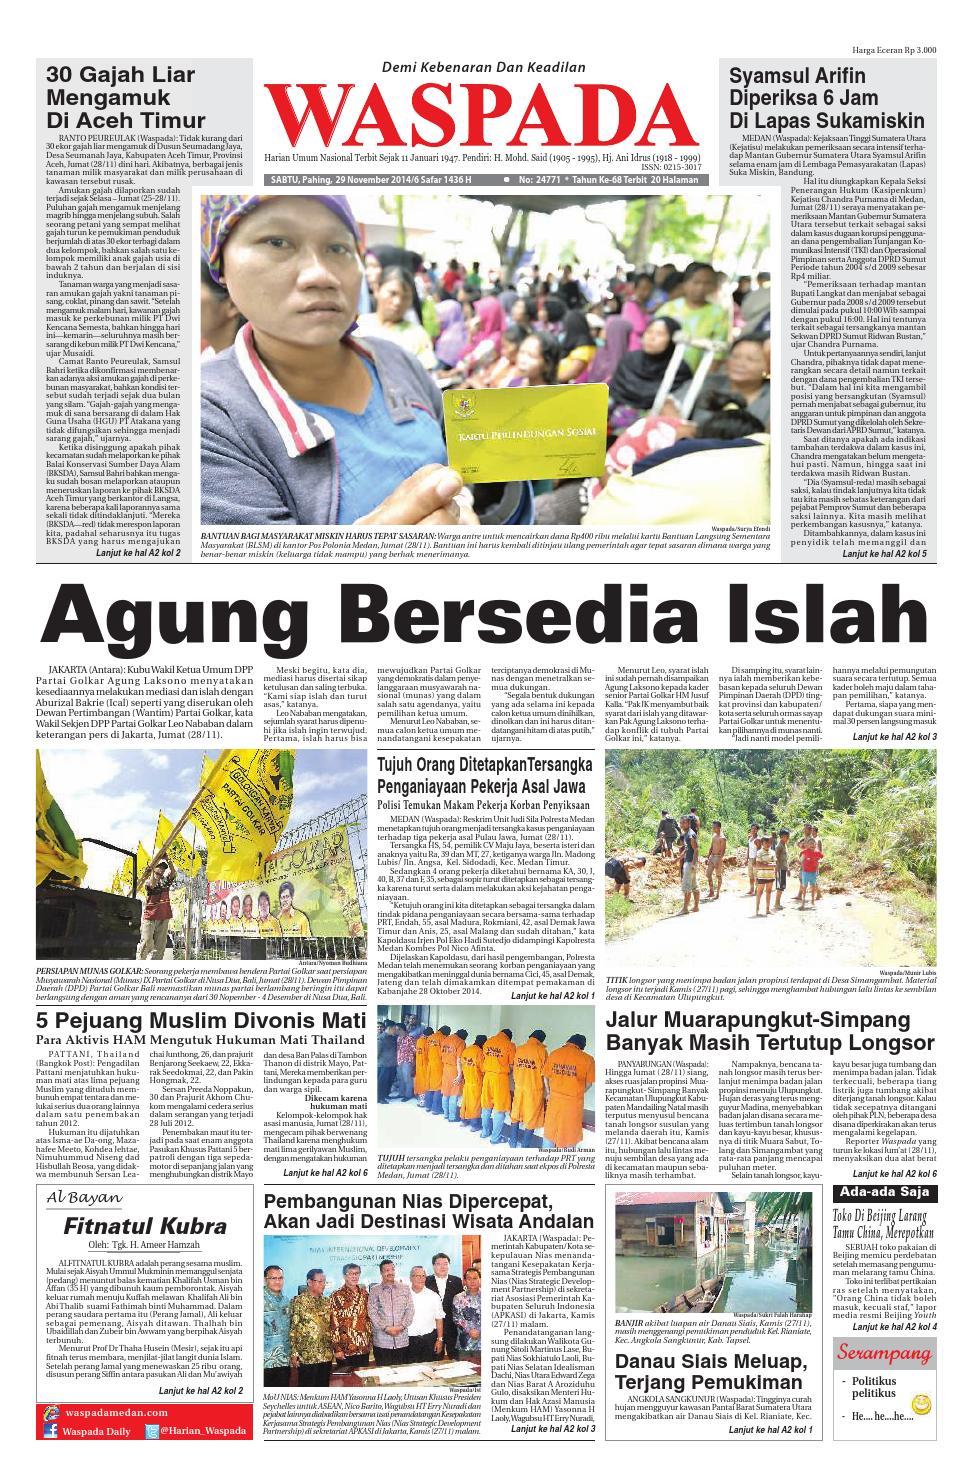 Waspadasabtu 29 November 2014 By Harian Waspada Issuu Produk Ukm Bumn Outer Pendek Ijo Coklat Berkerah